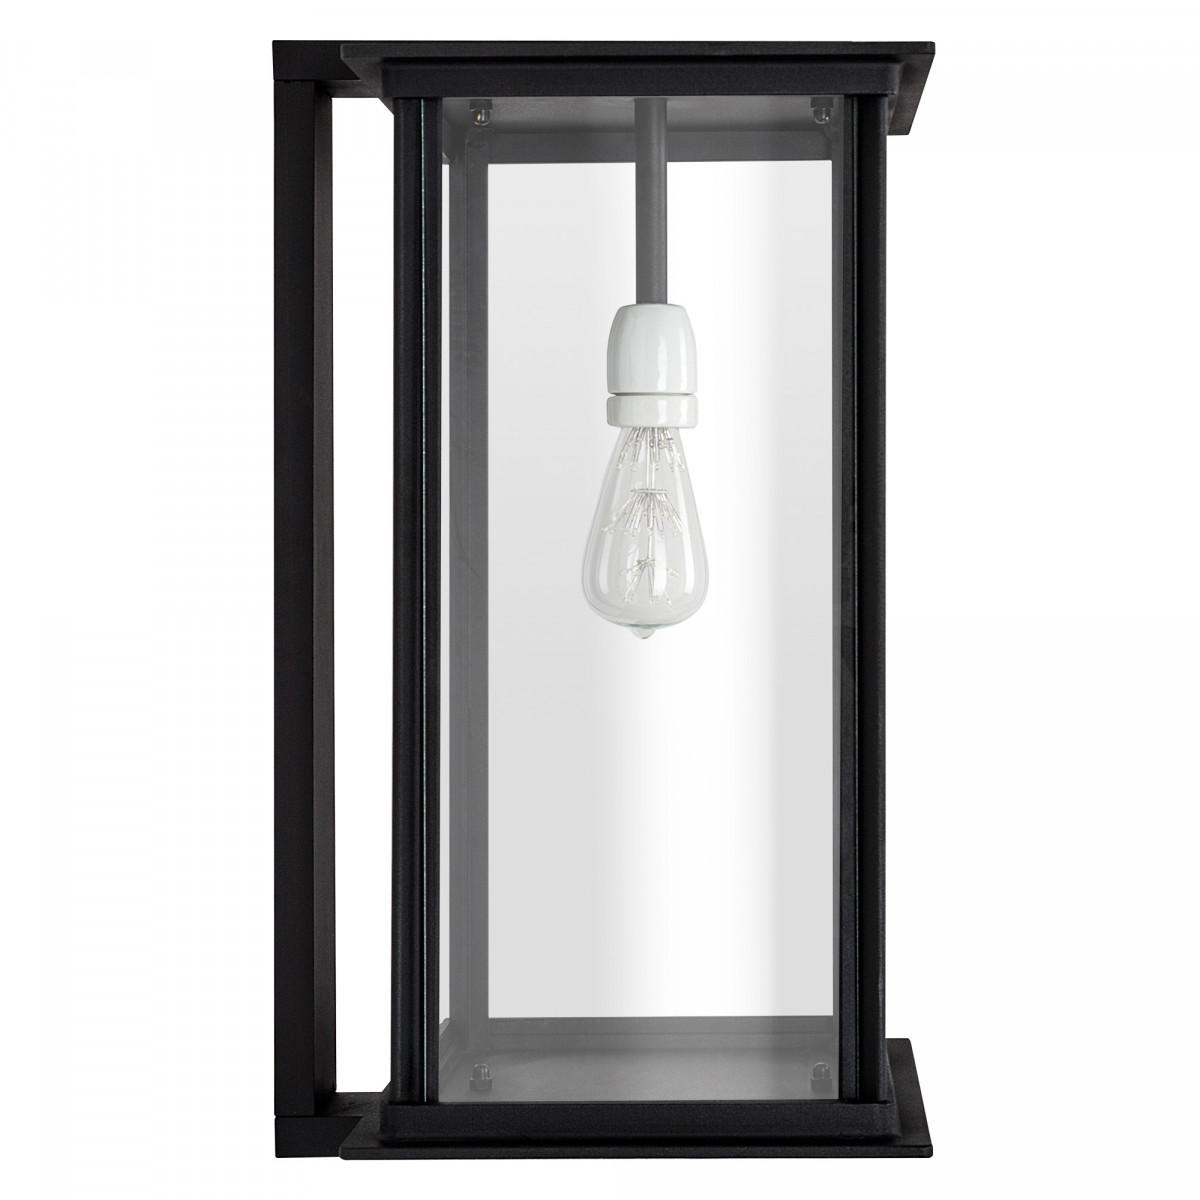 Exclusieve buitenverlichting buitenlamp Capital XXL van KS Verlichting